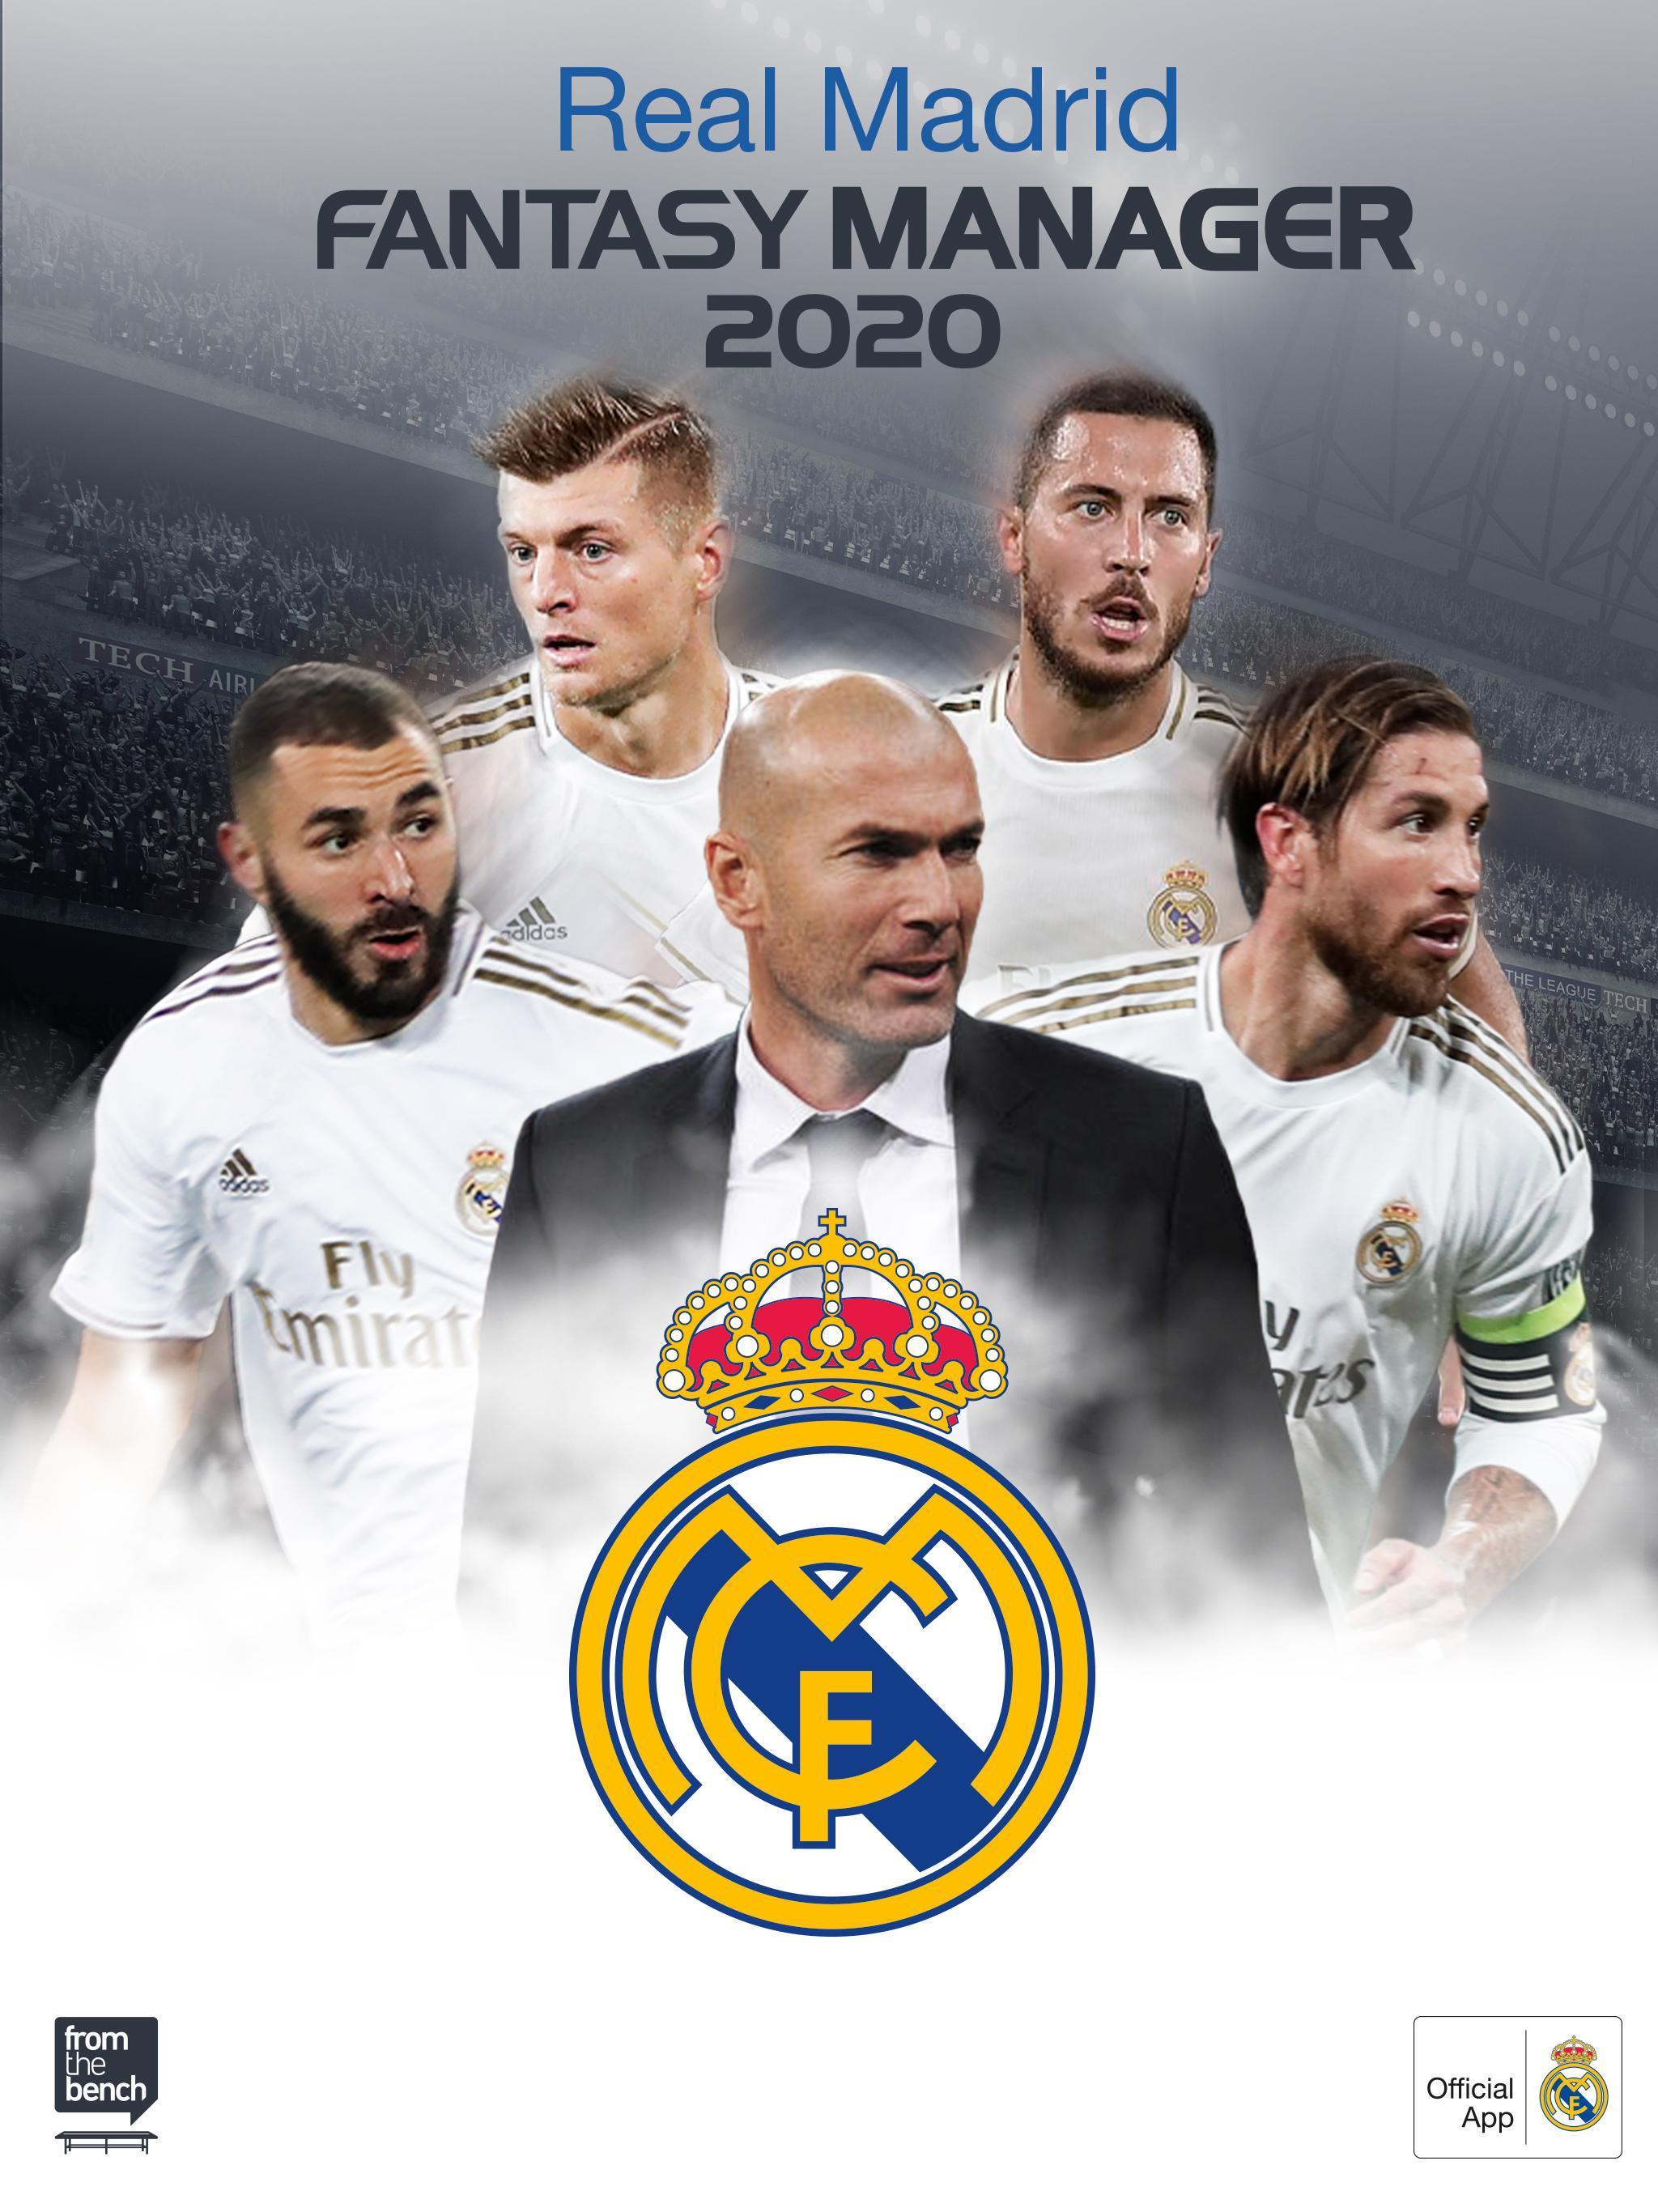 Real Madrid Fantasy Manager'20 Real football live screenshot 9